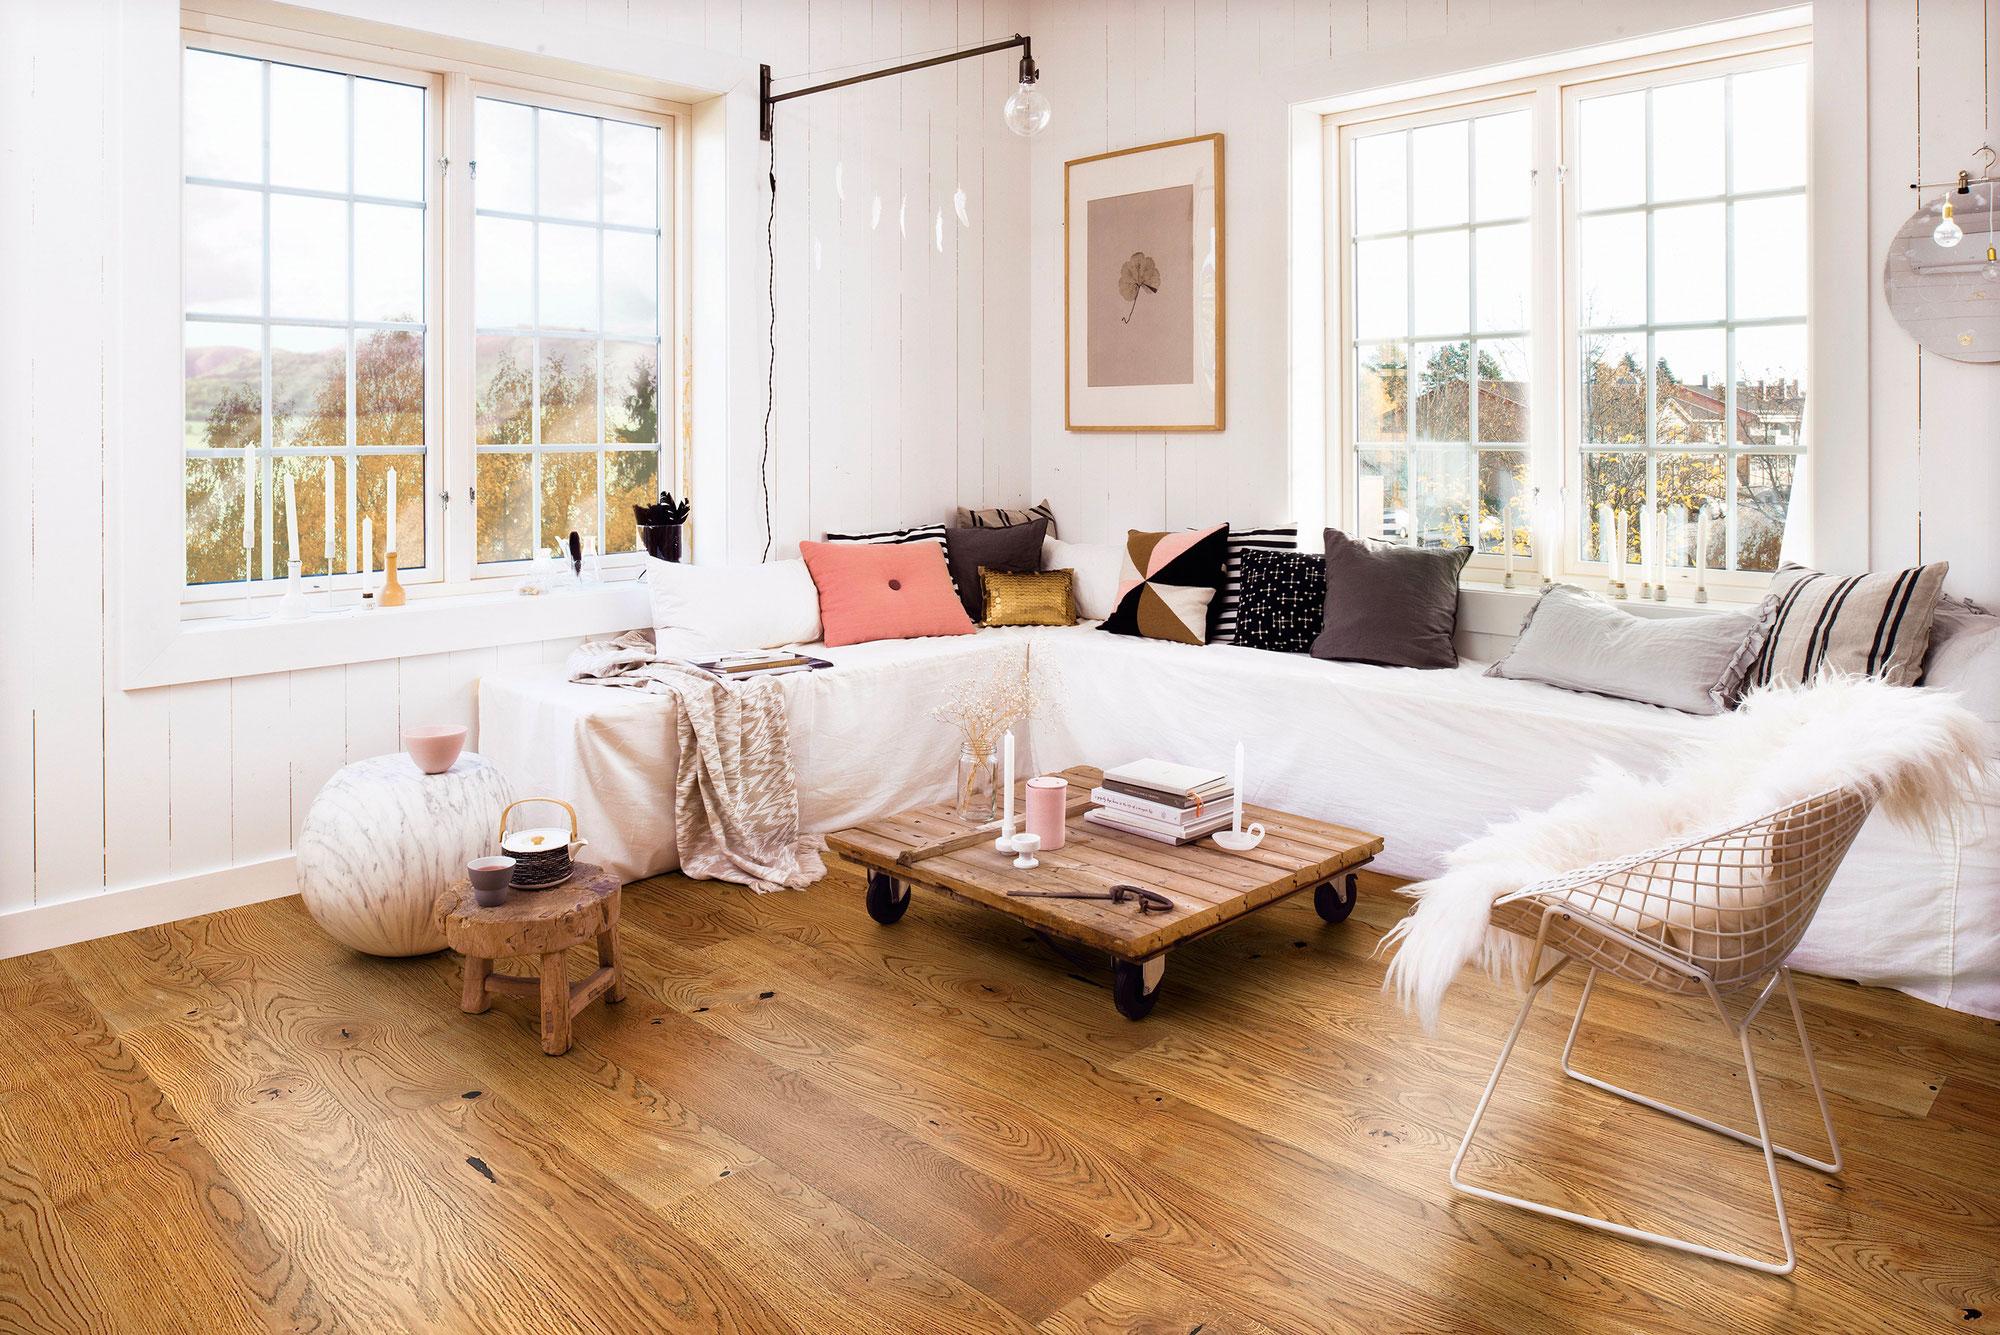 pflege parkett laminat kork vinyl in hamburg norderstedt schleswig holstein. Black Bedroom Furniture Sets. Home Design Ideas